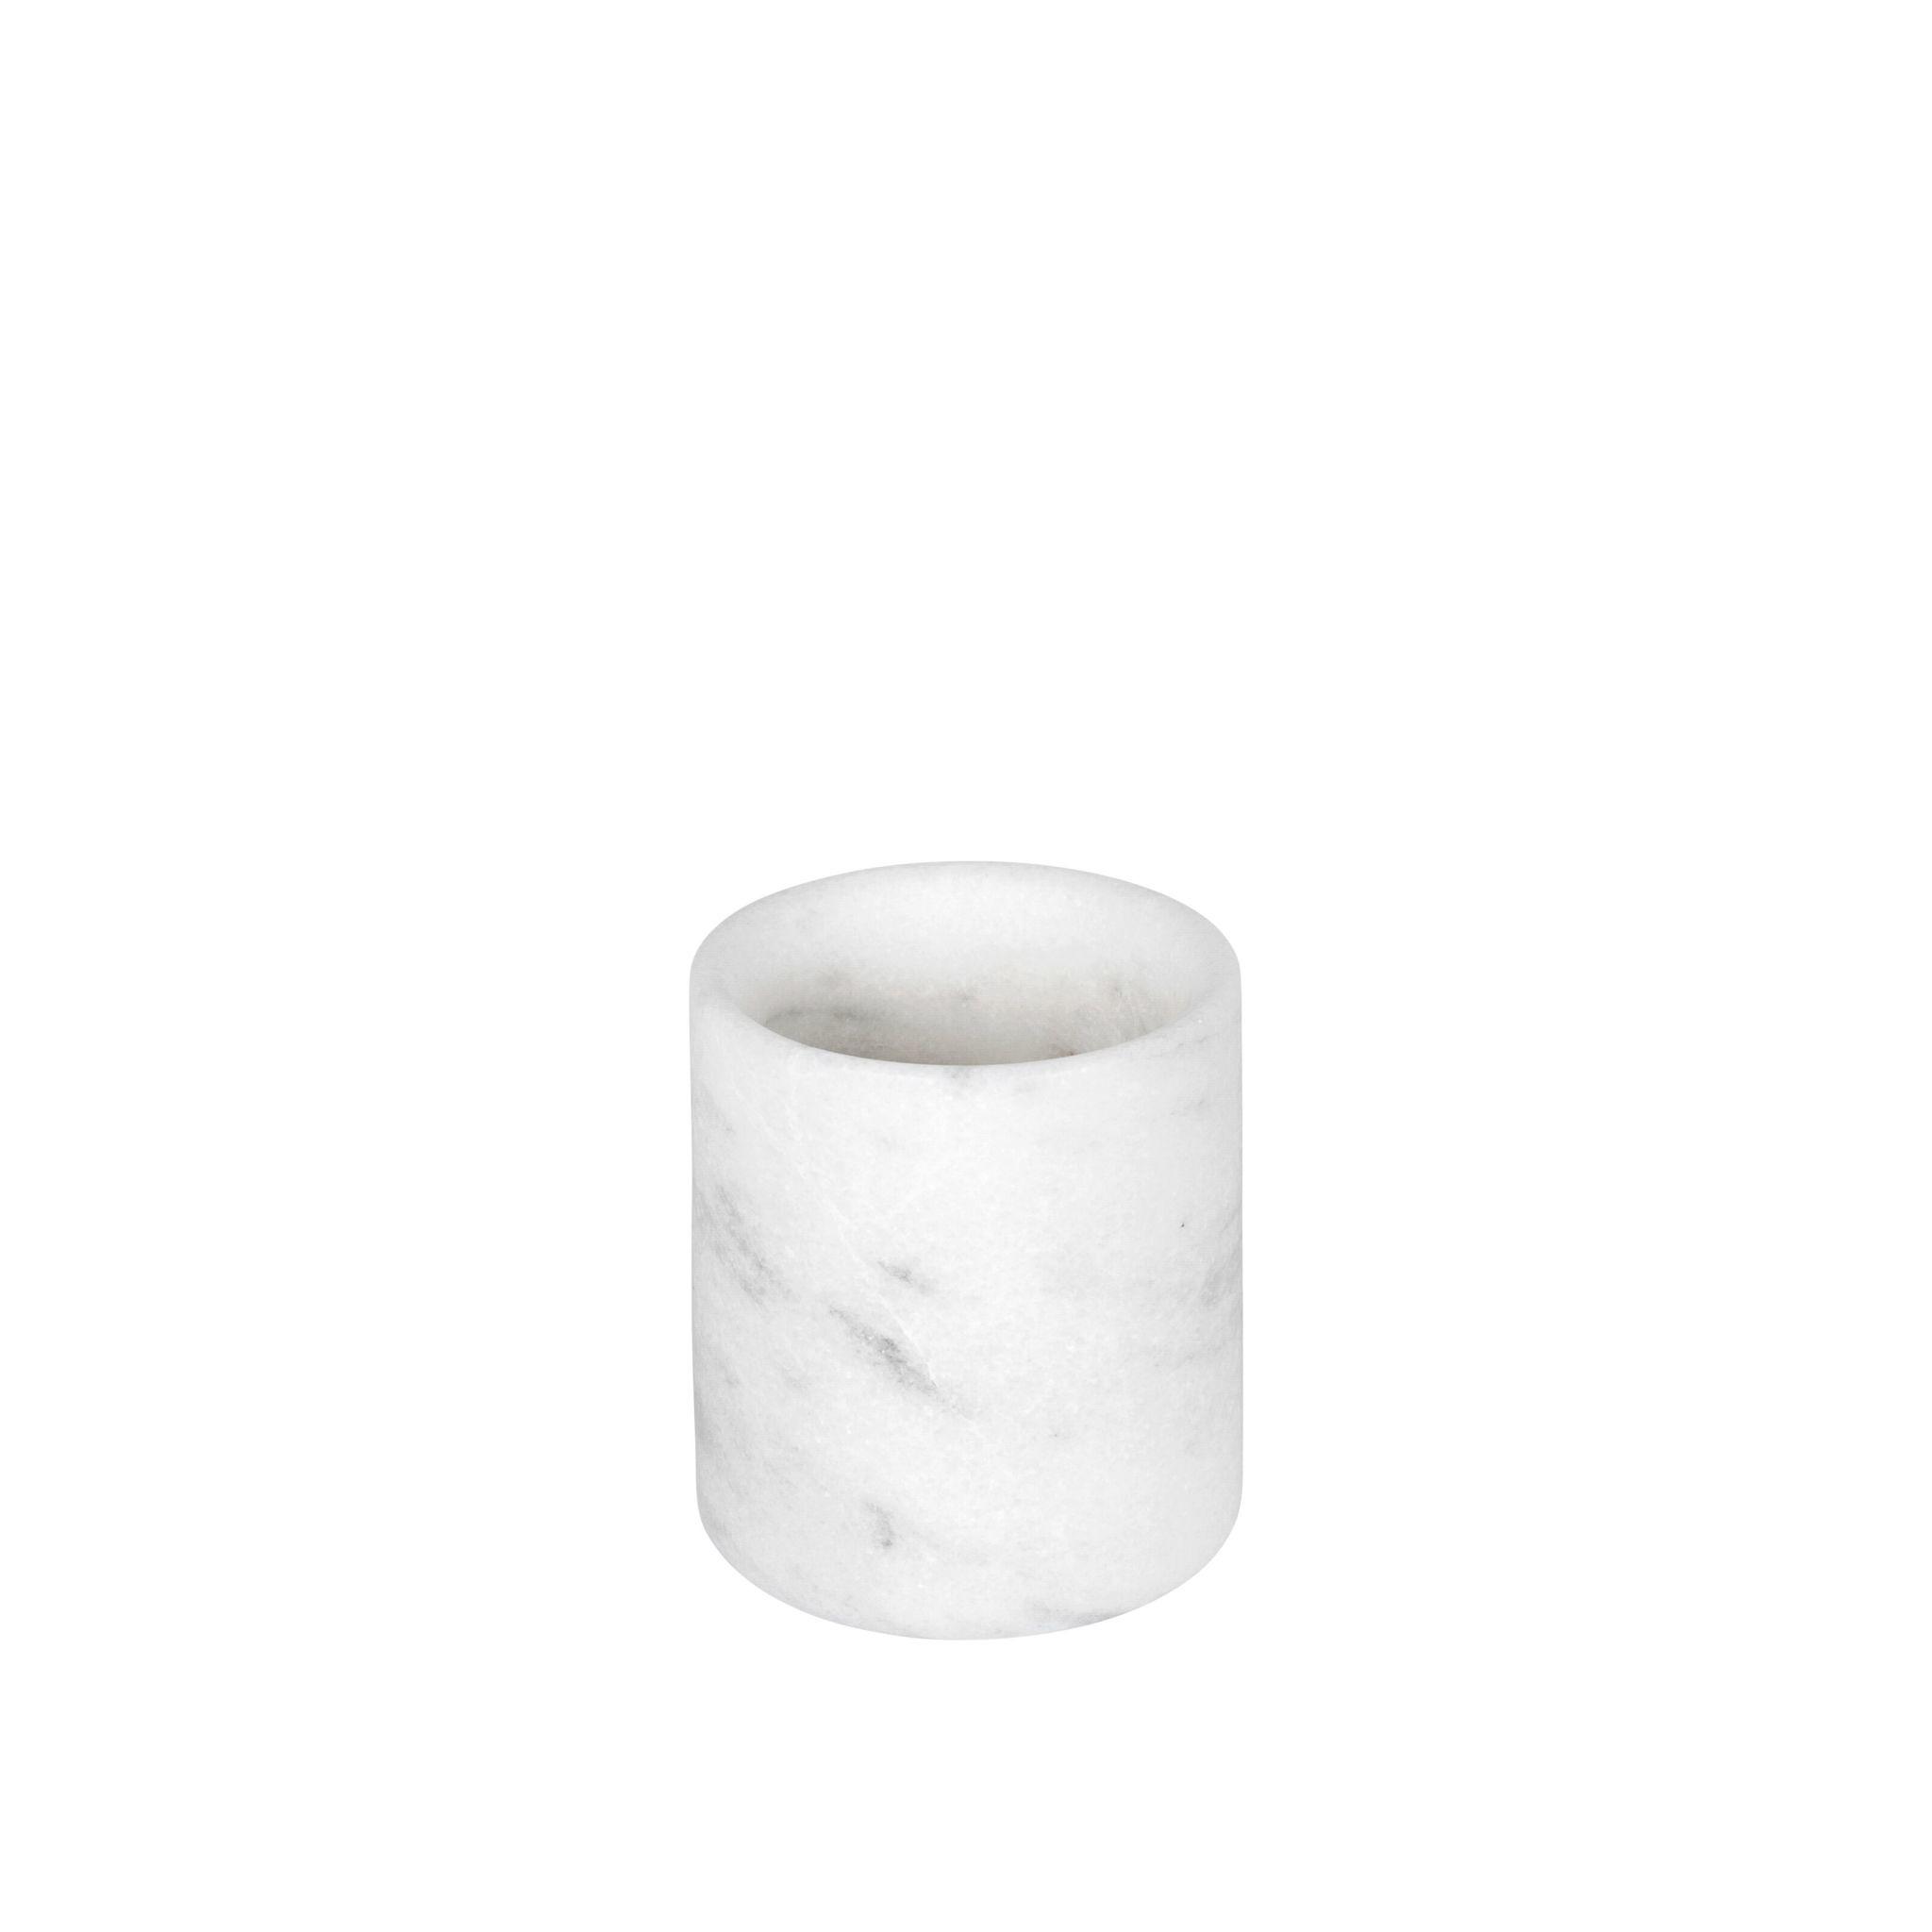 Stoned Stoned tandenborstelhouder wit marmer W019